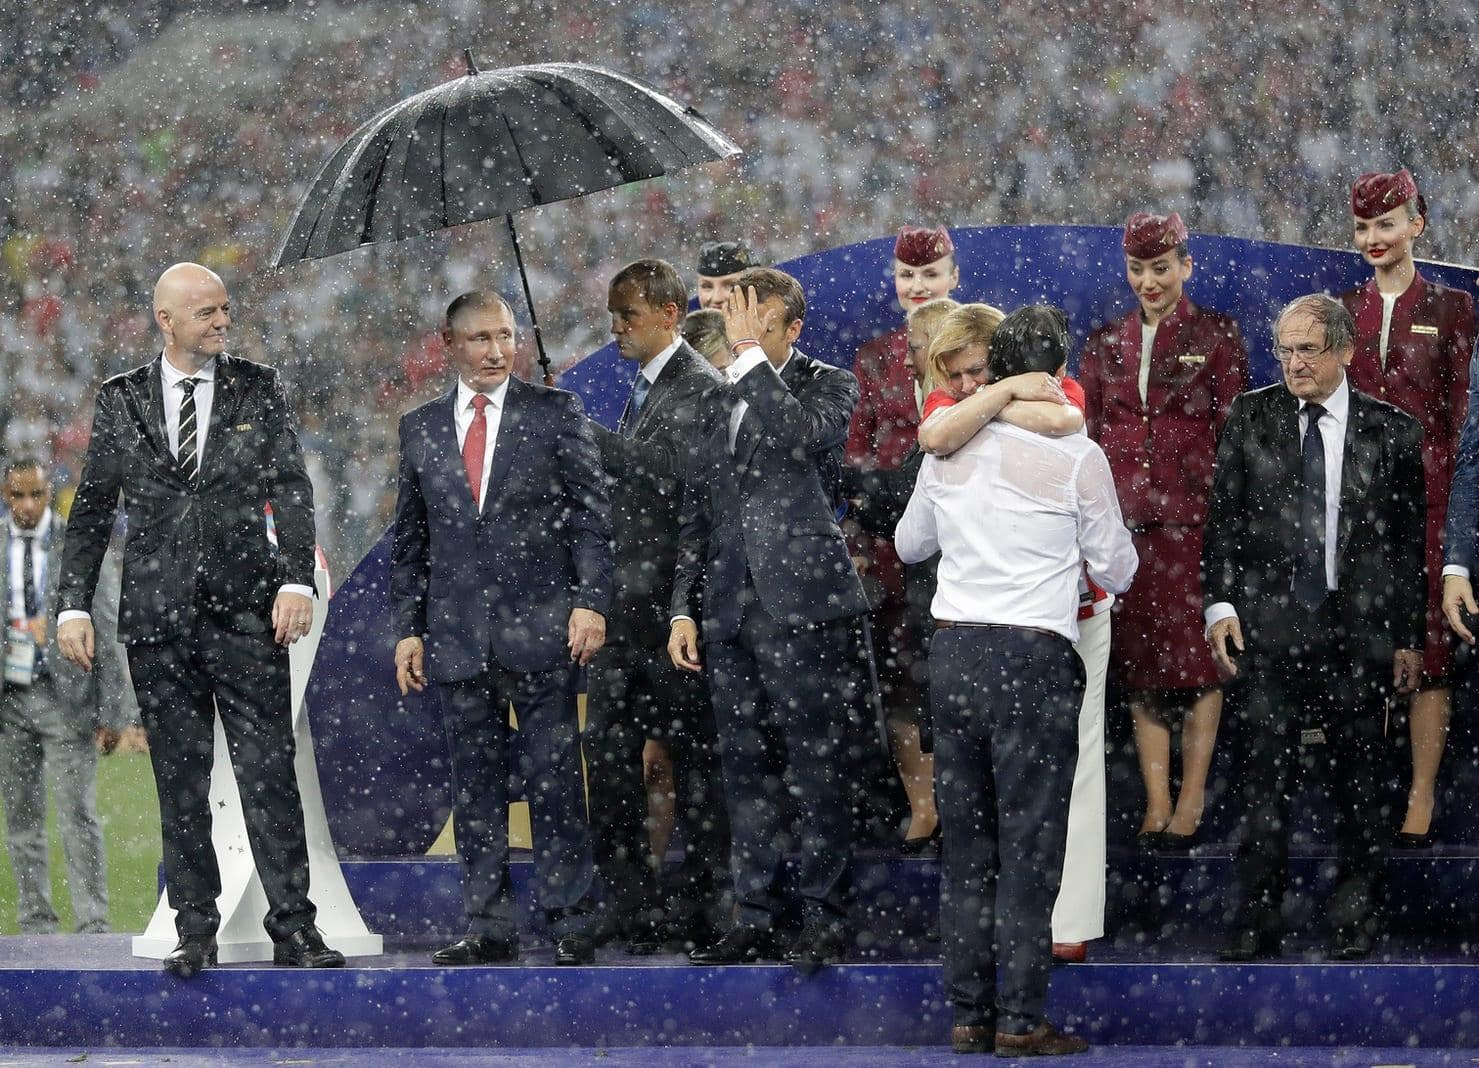 <p>Bei sintflutartigen Regenfällen wird bei der Siegerehrung im Moskauer Luschniki-Stadion lediglich der Kremlchef Wladimir Putin mit einem Schirm geschützt.</p> Foto: AFP